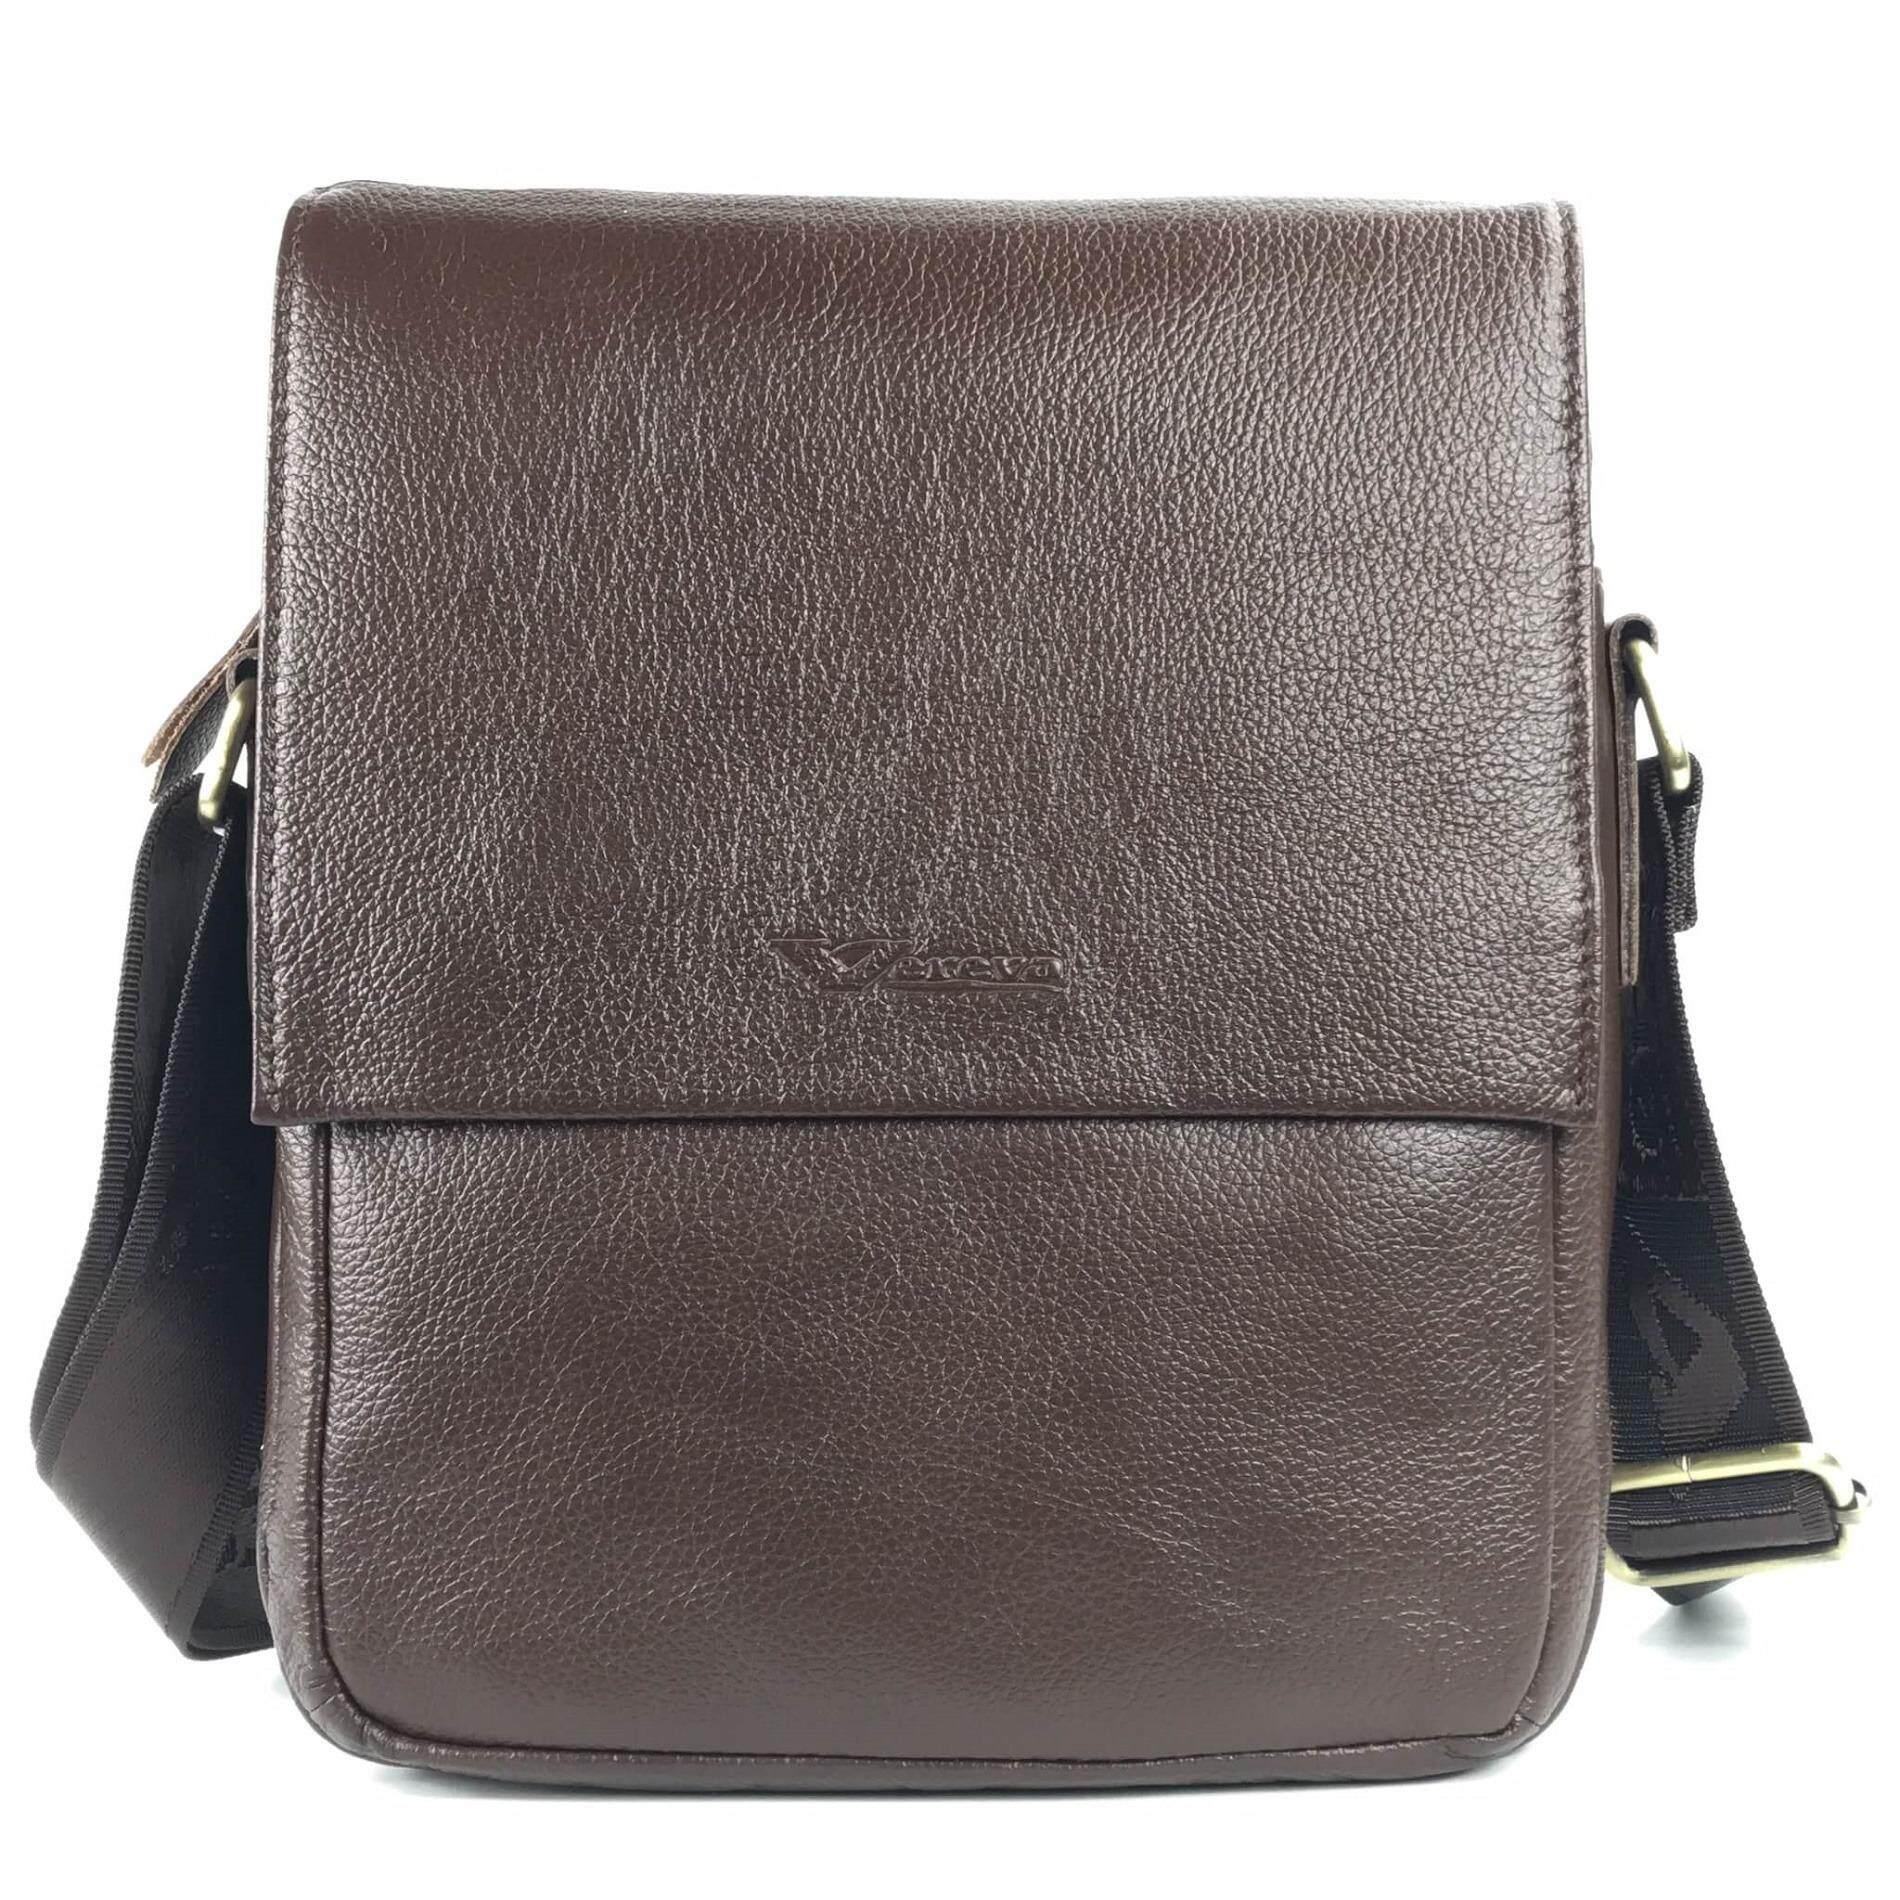 ขาย Chinatown Leatherกระเป๋าสะพายหนังแท้ฝาหน้าครึ่งน้ำตาลเข้มIpad2 3 ออนไลน์ กรุงเทพมหานคร